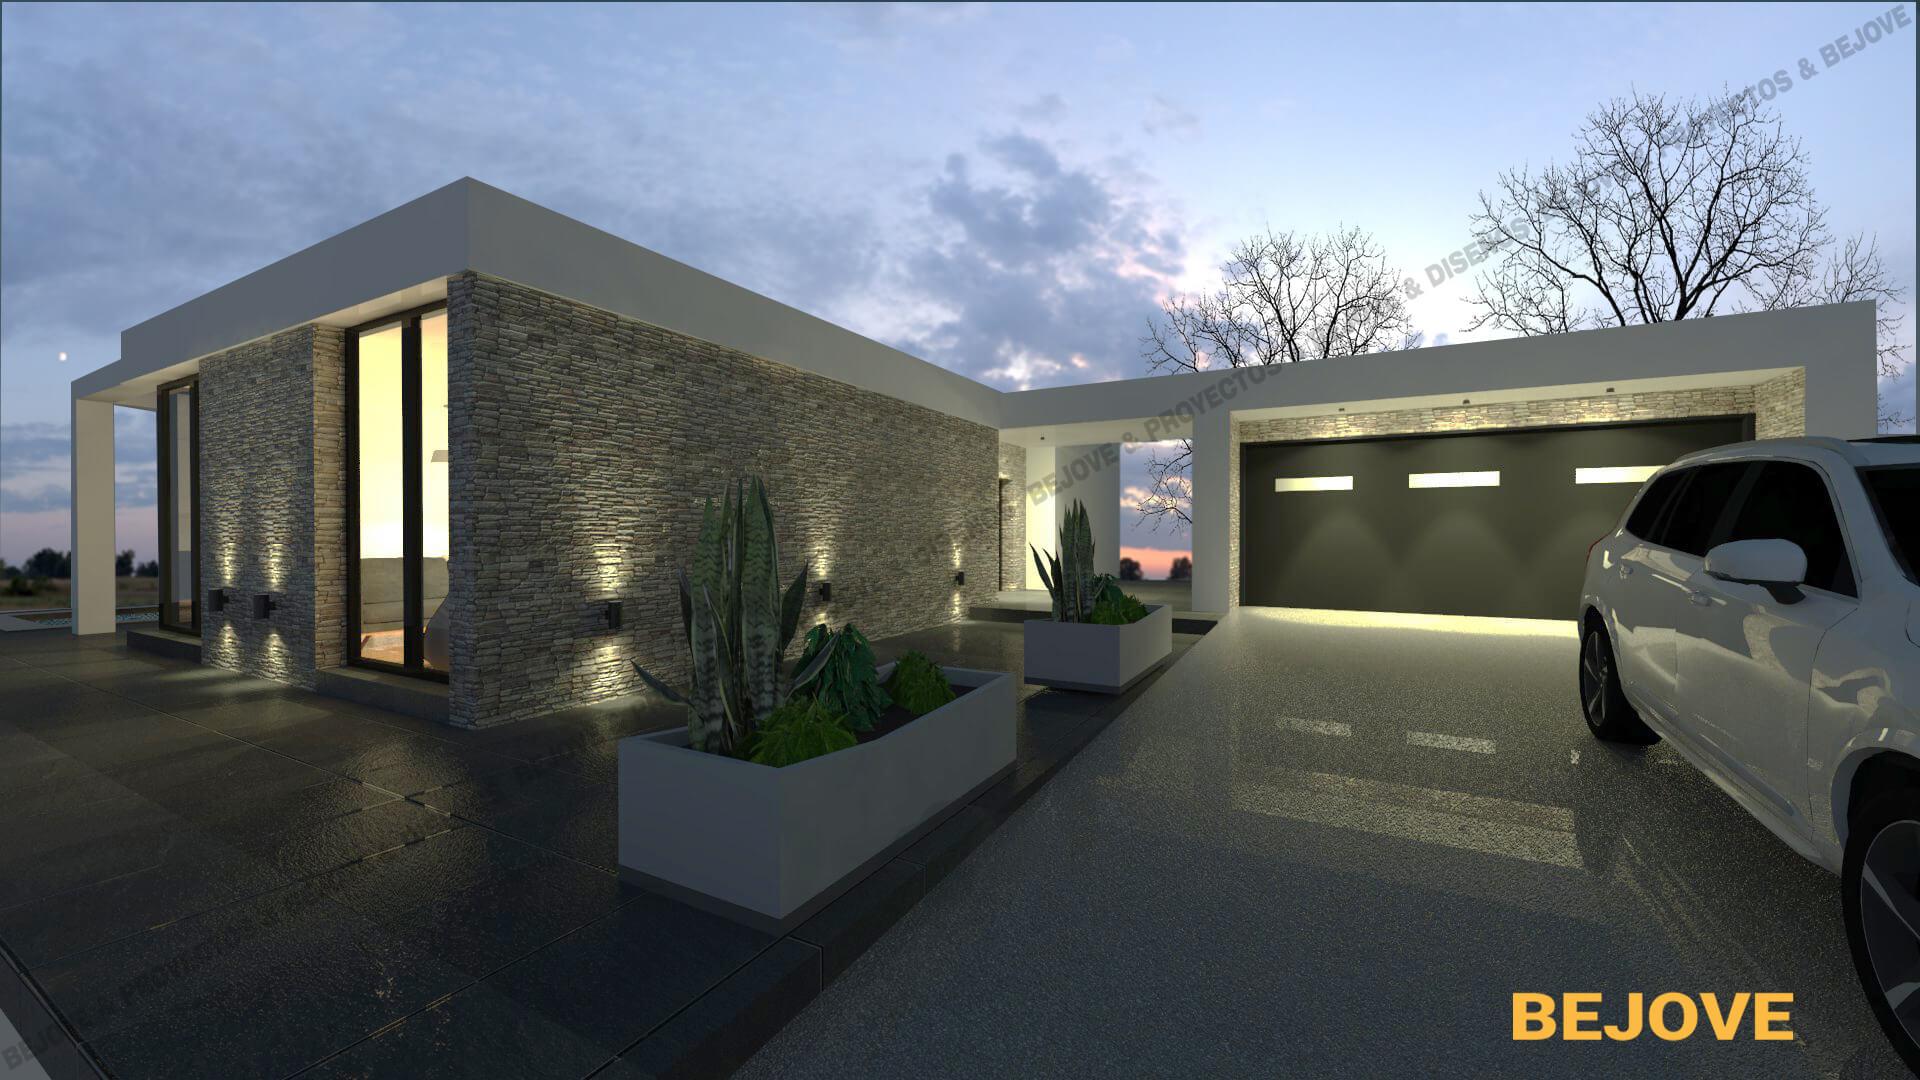 Construcción de casa moderna, incluido montaje de cocina y reforma de baño. Si desea comprar una casa.